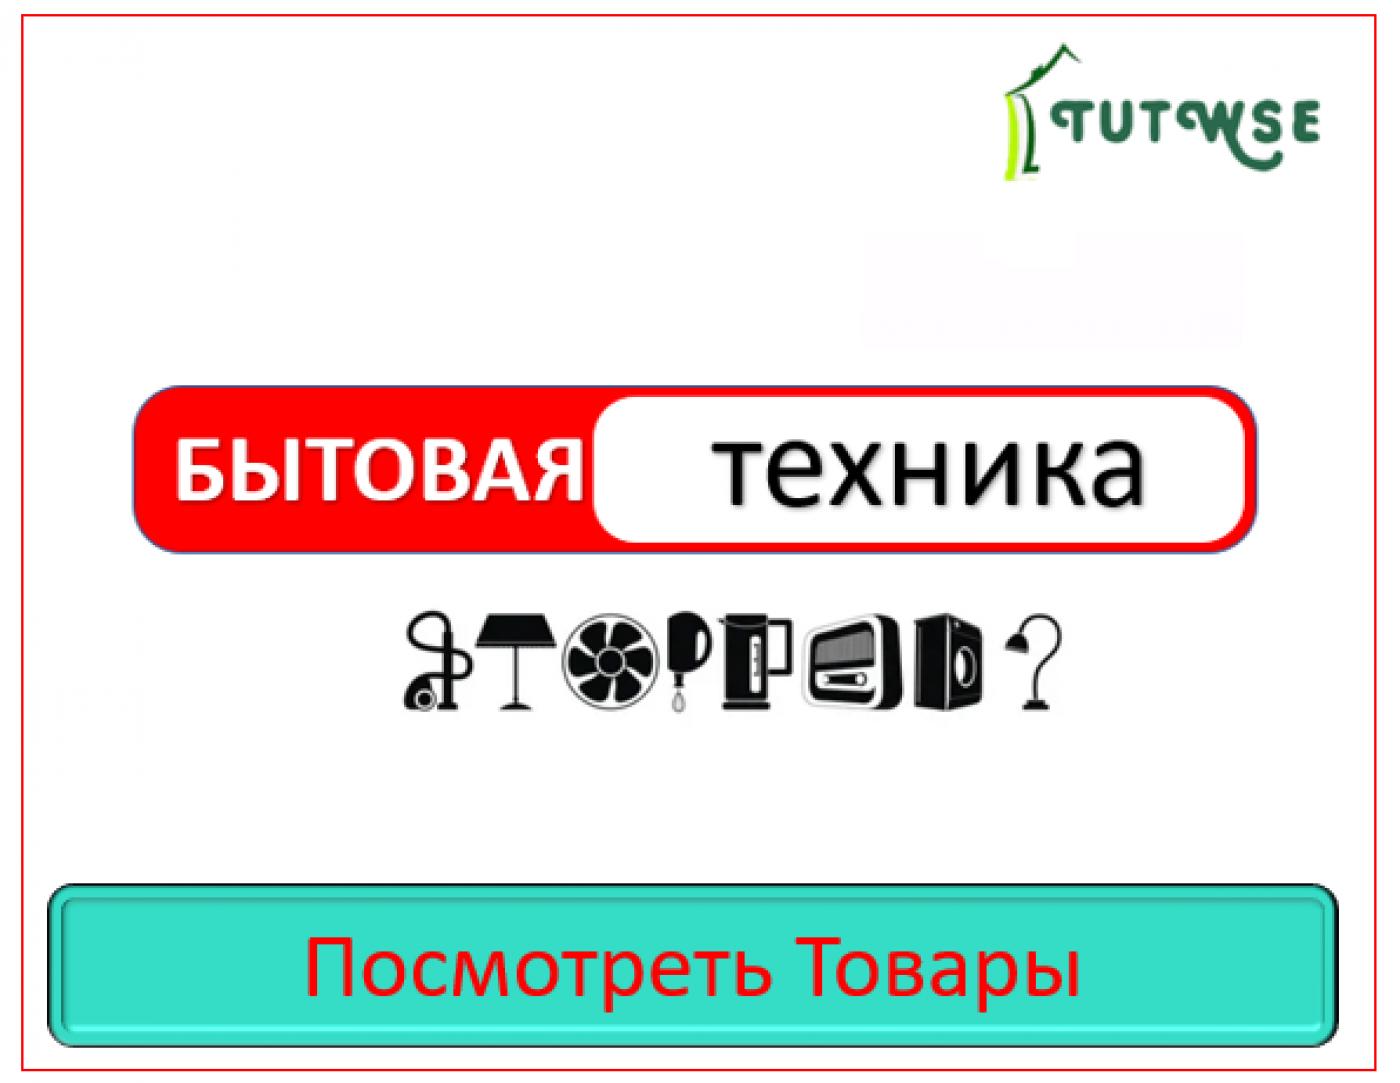 БЫТОВАЯ ТЕХНИКА Заказать Троицк Москва